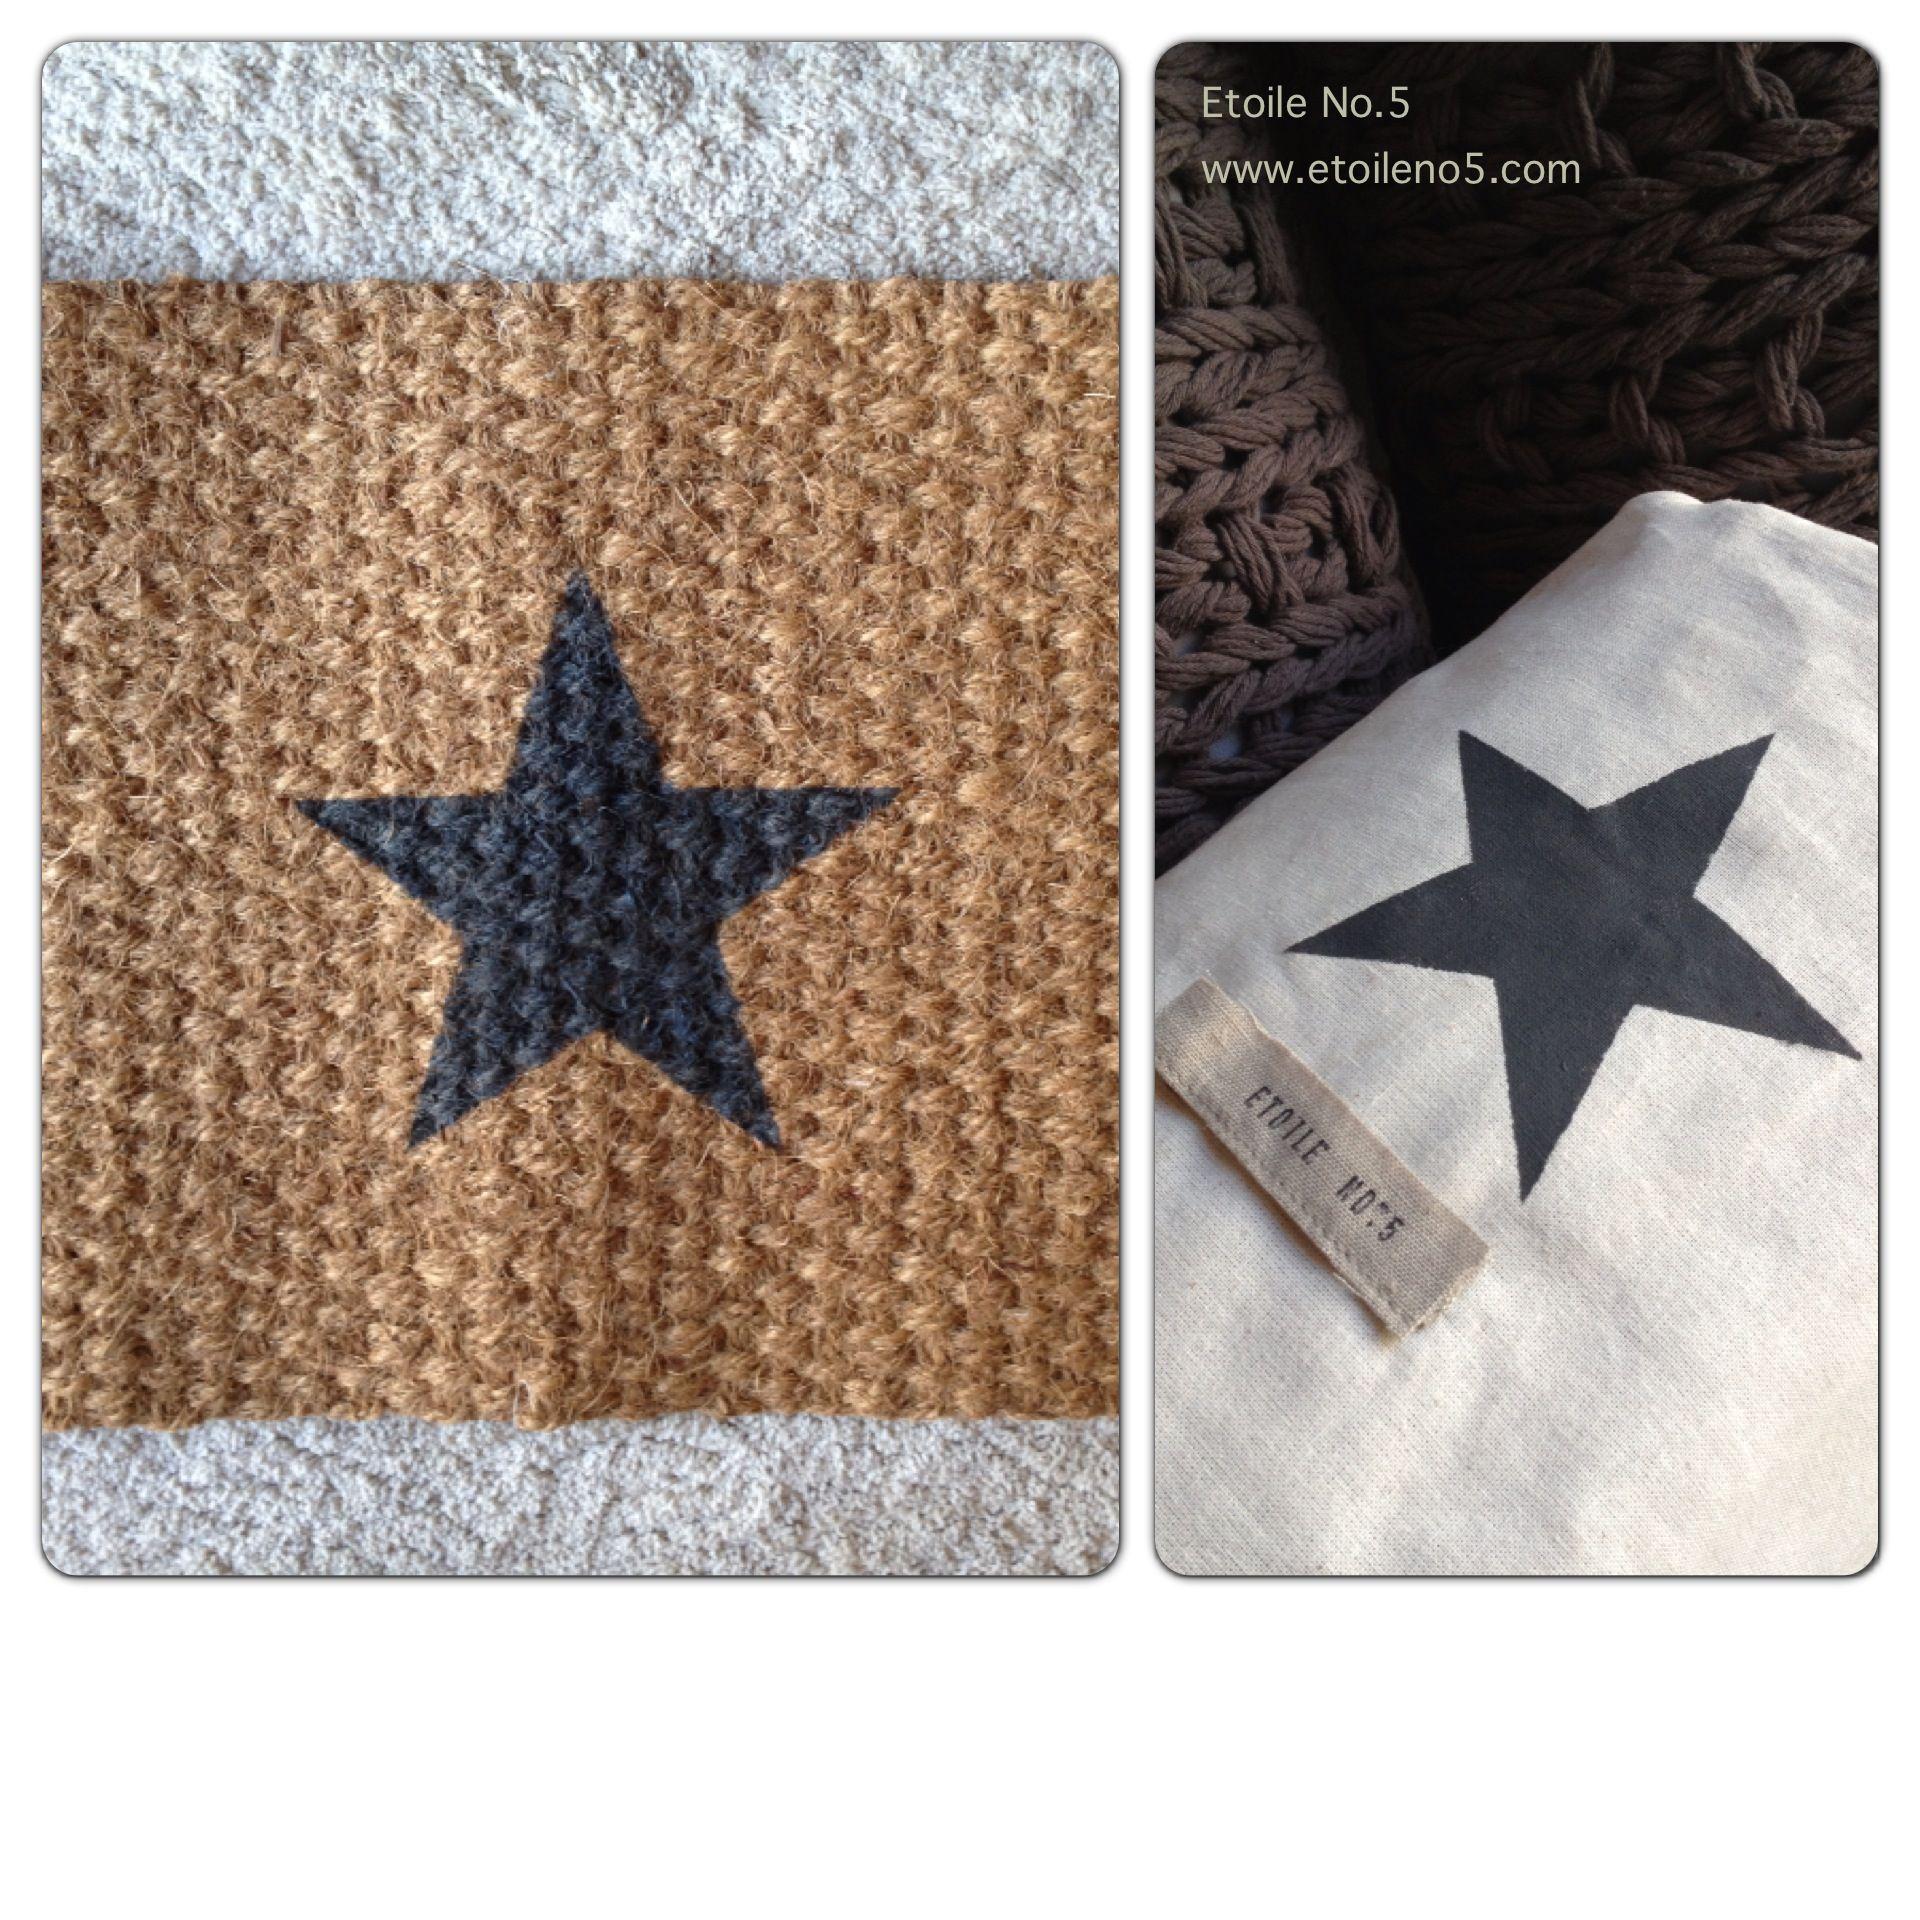 Felpudo con estrella pintada y con funda de algodón en Etoile No.5 www.etoileno5.com